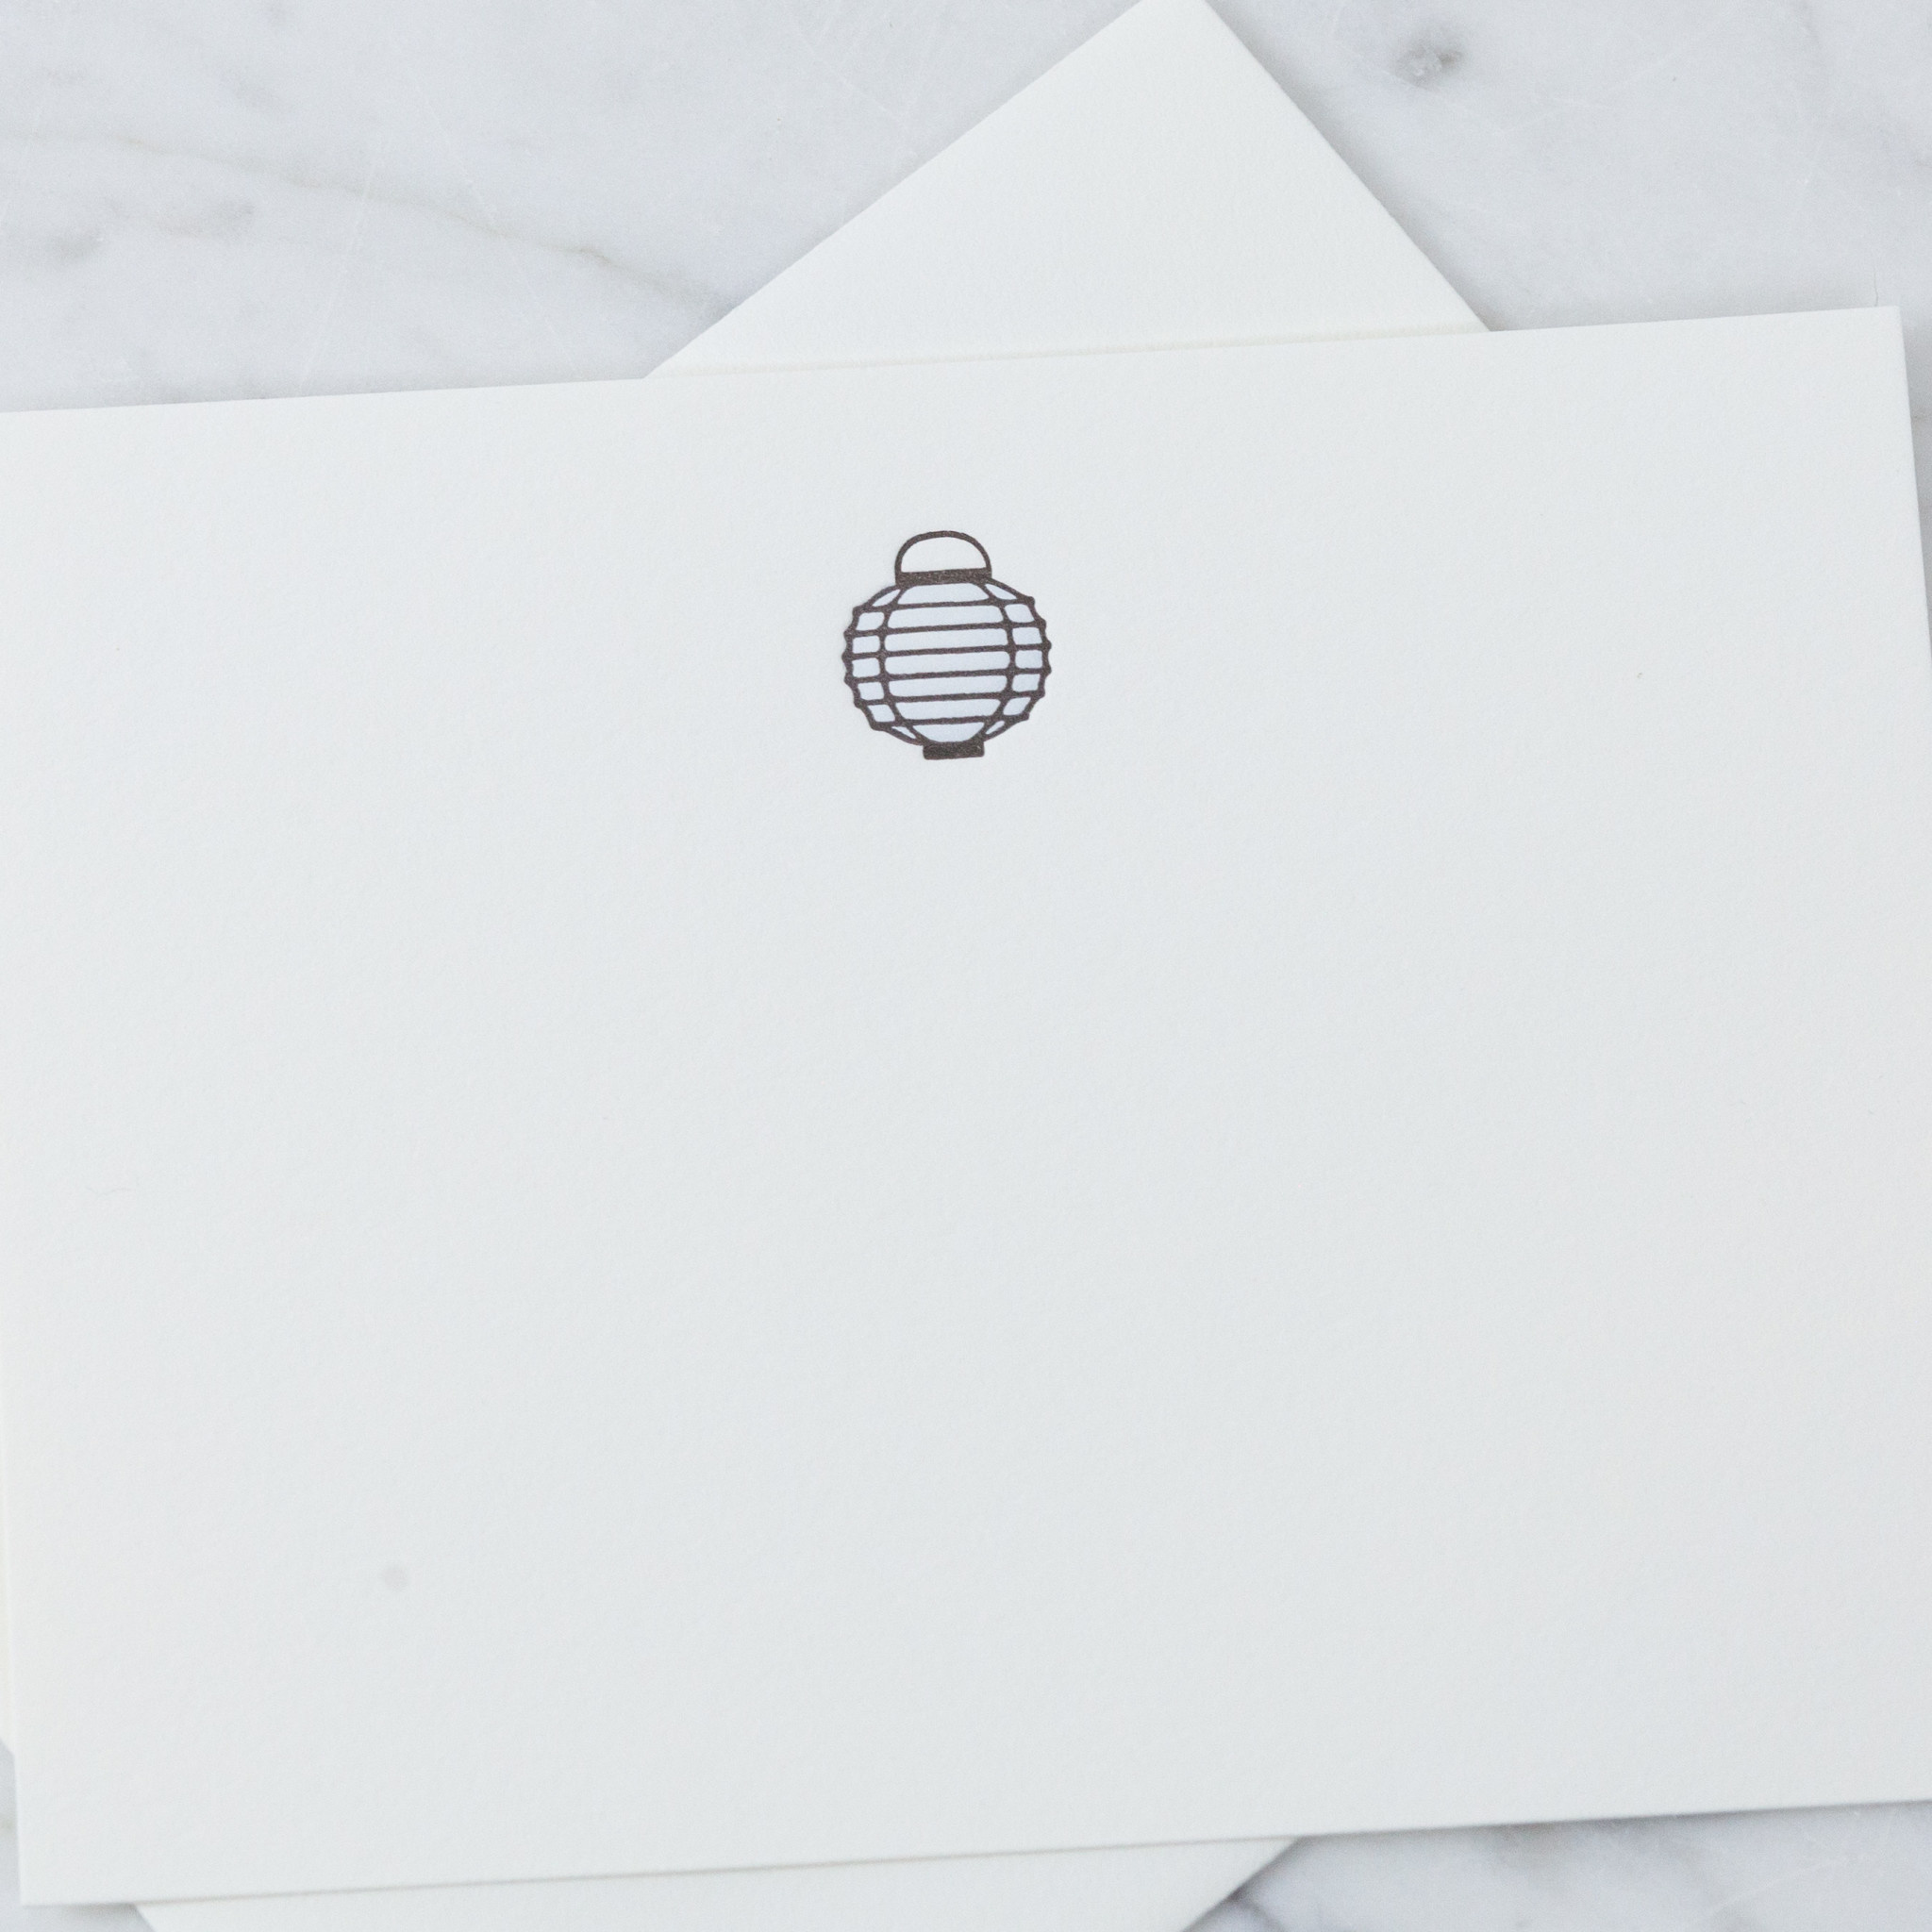 Letterpress Card and Envelope - Blue Lantern